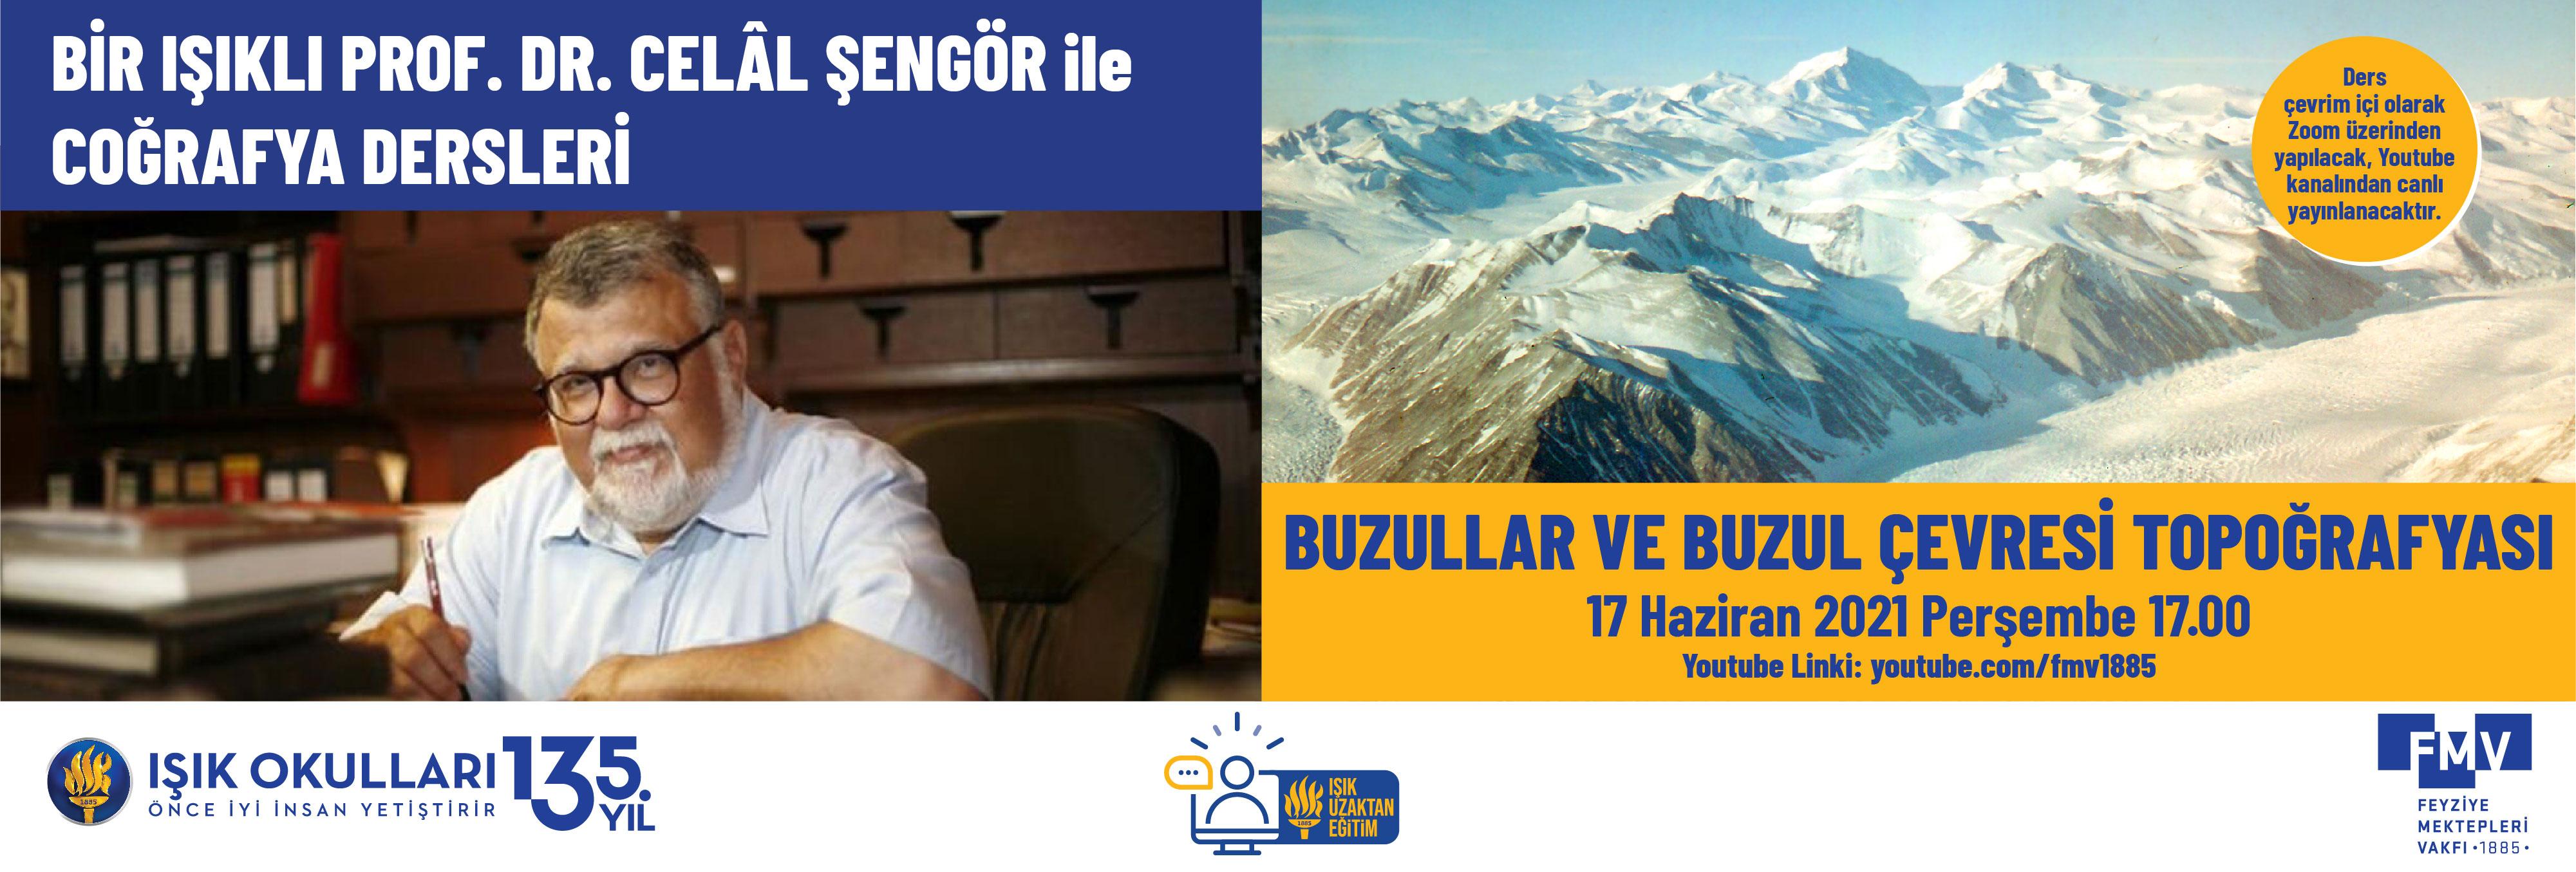 Prof. Dr. Celâl Şengör ile Coğrafya Dersleri: Buzullar ve Buzul Çevresi Topoğrafyası